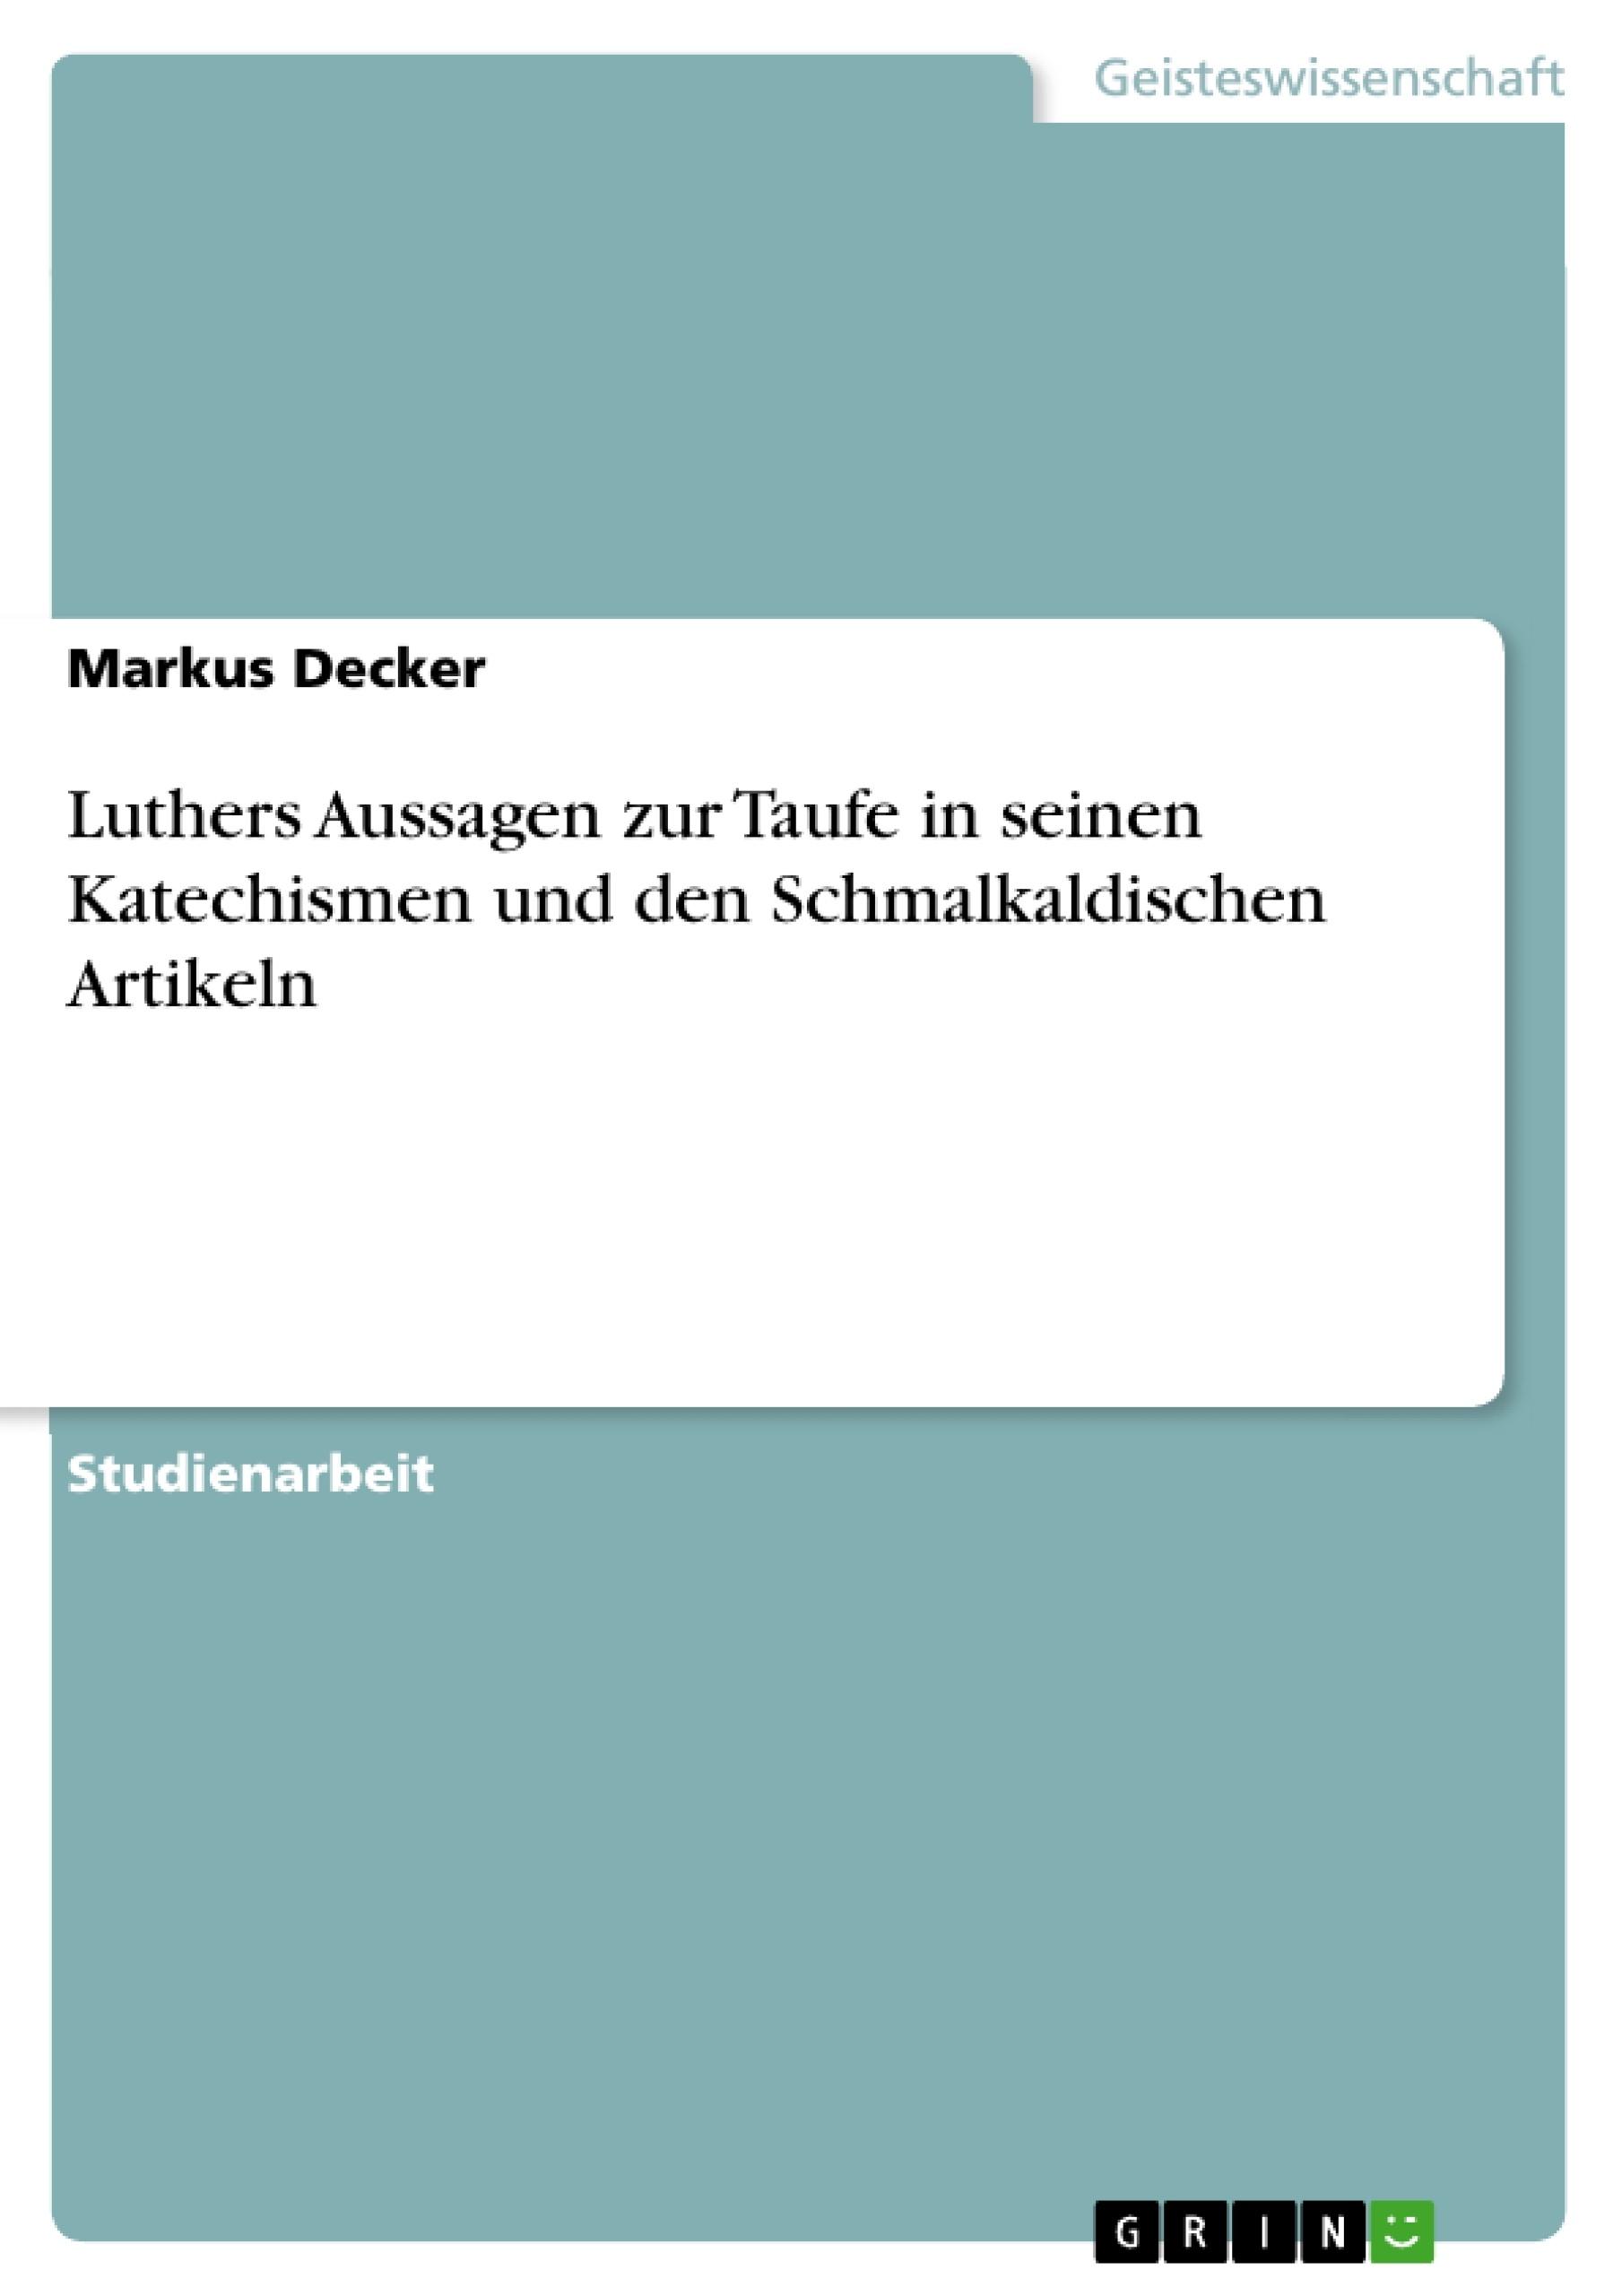 Titel: Luthers Aussagen zur Taufe in seinen Katechismen und den Schmalkaldischen Artikeln